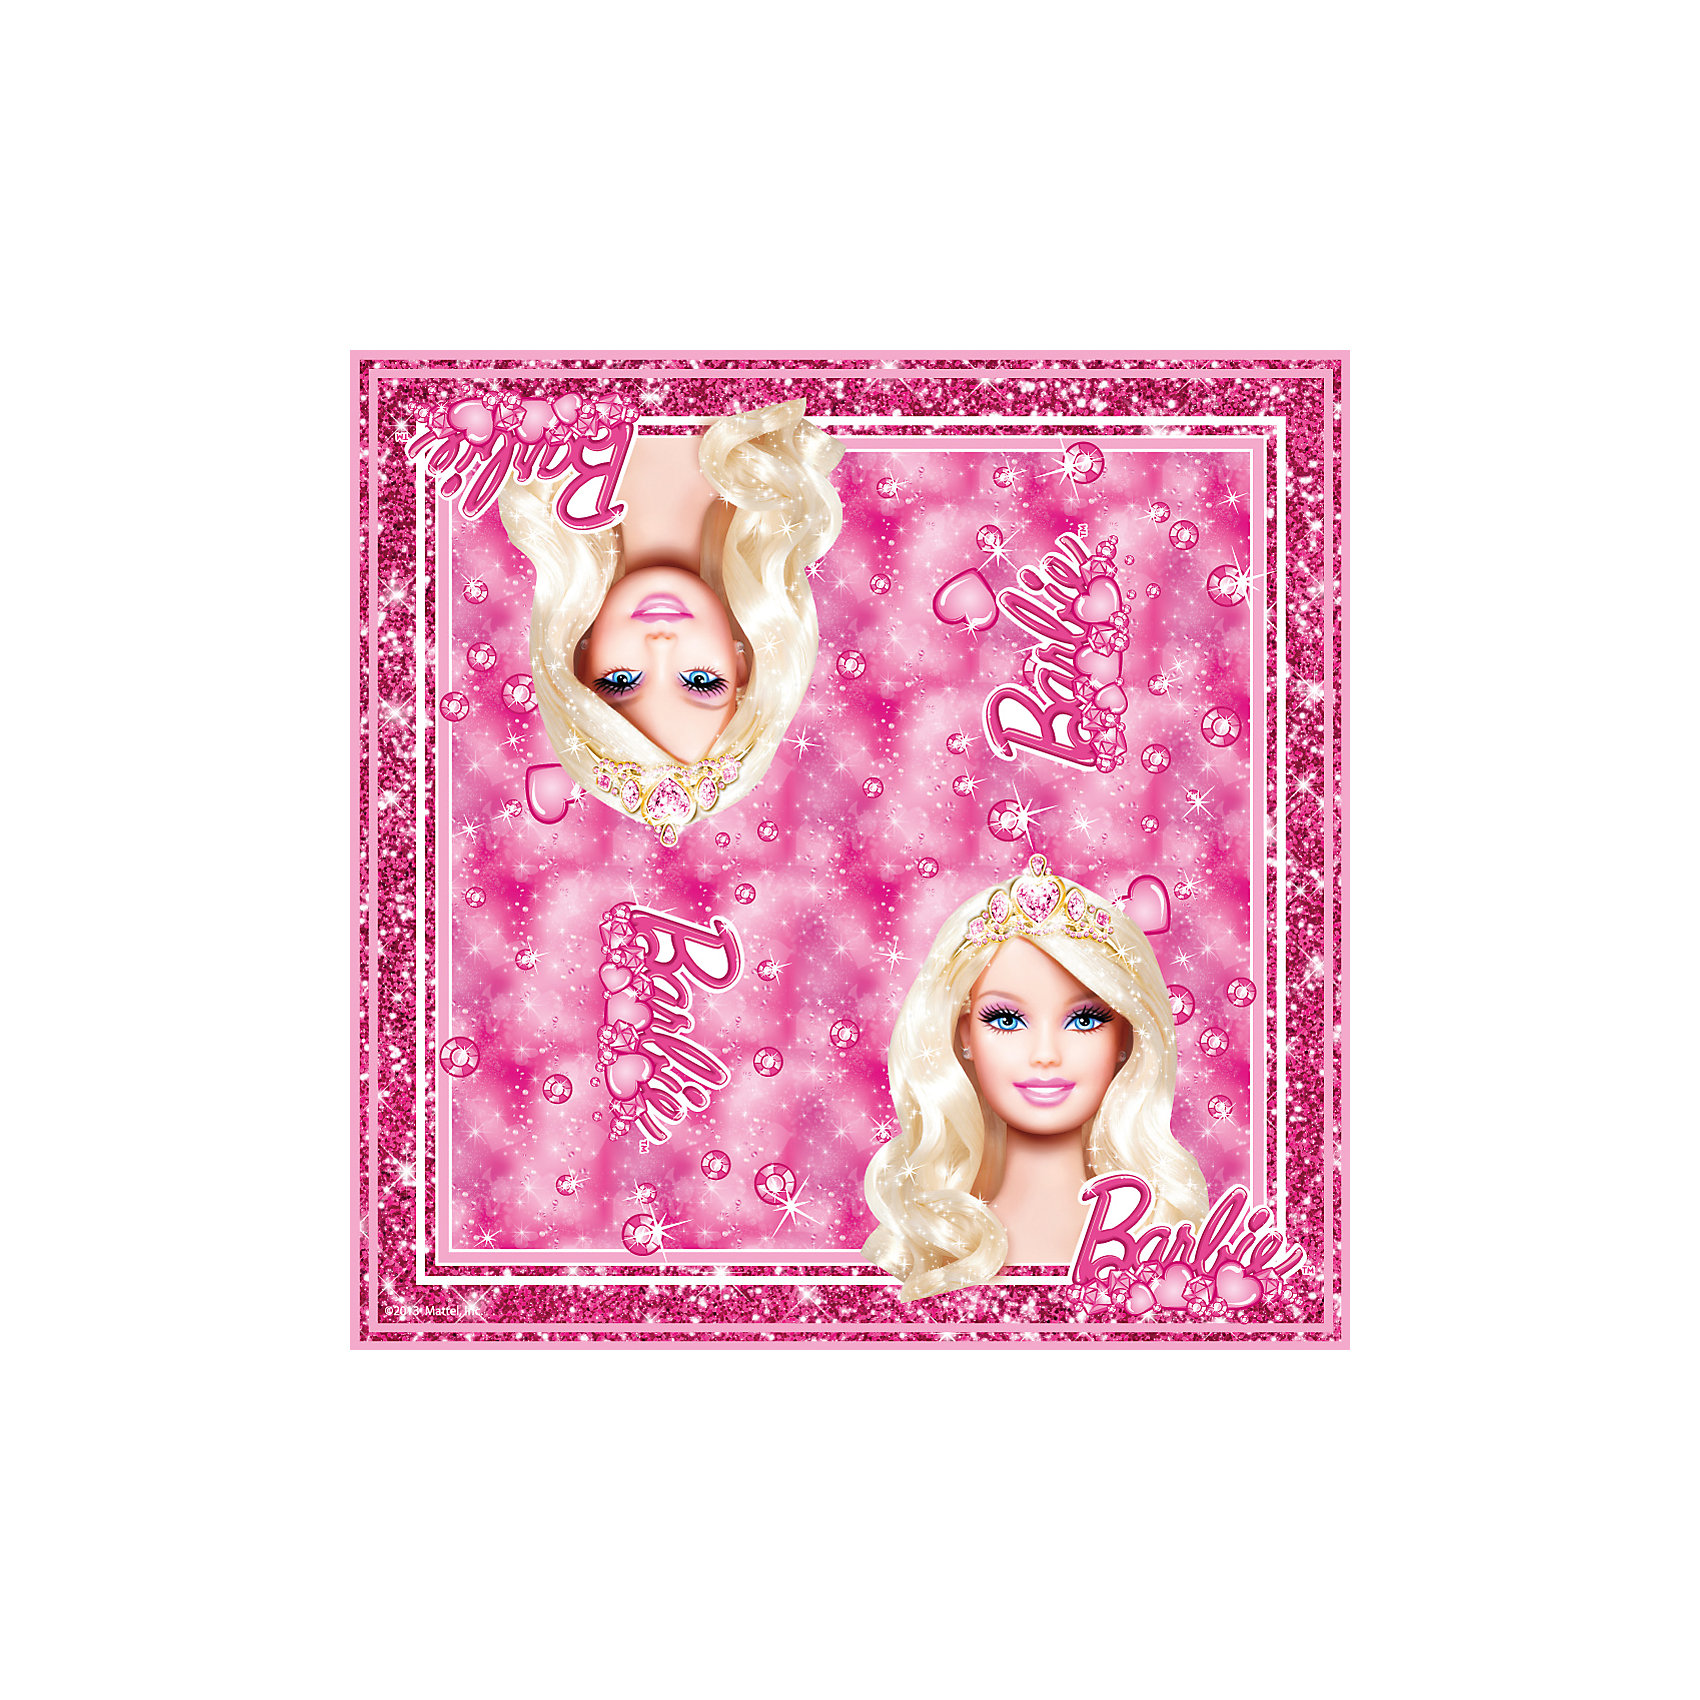 Росмэн Салфетки Принцесса 33*33 см (20 шт), Barbie росмэн салфетки миньоны 33 33 см 20 шт